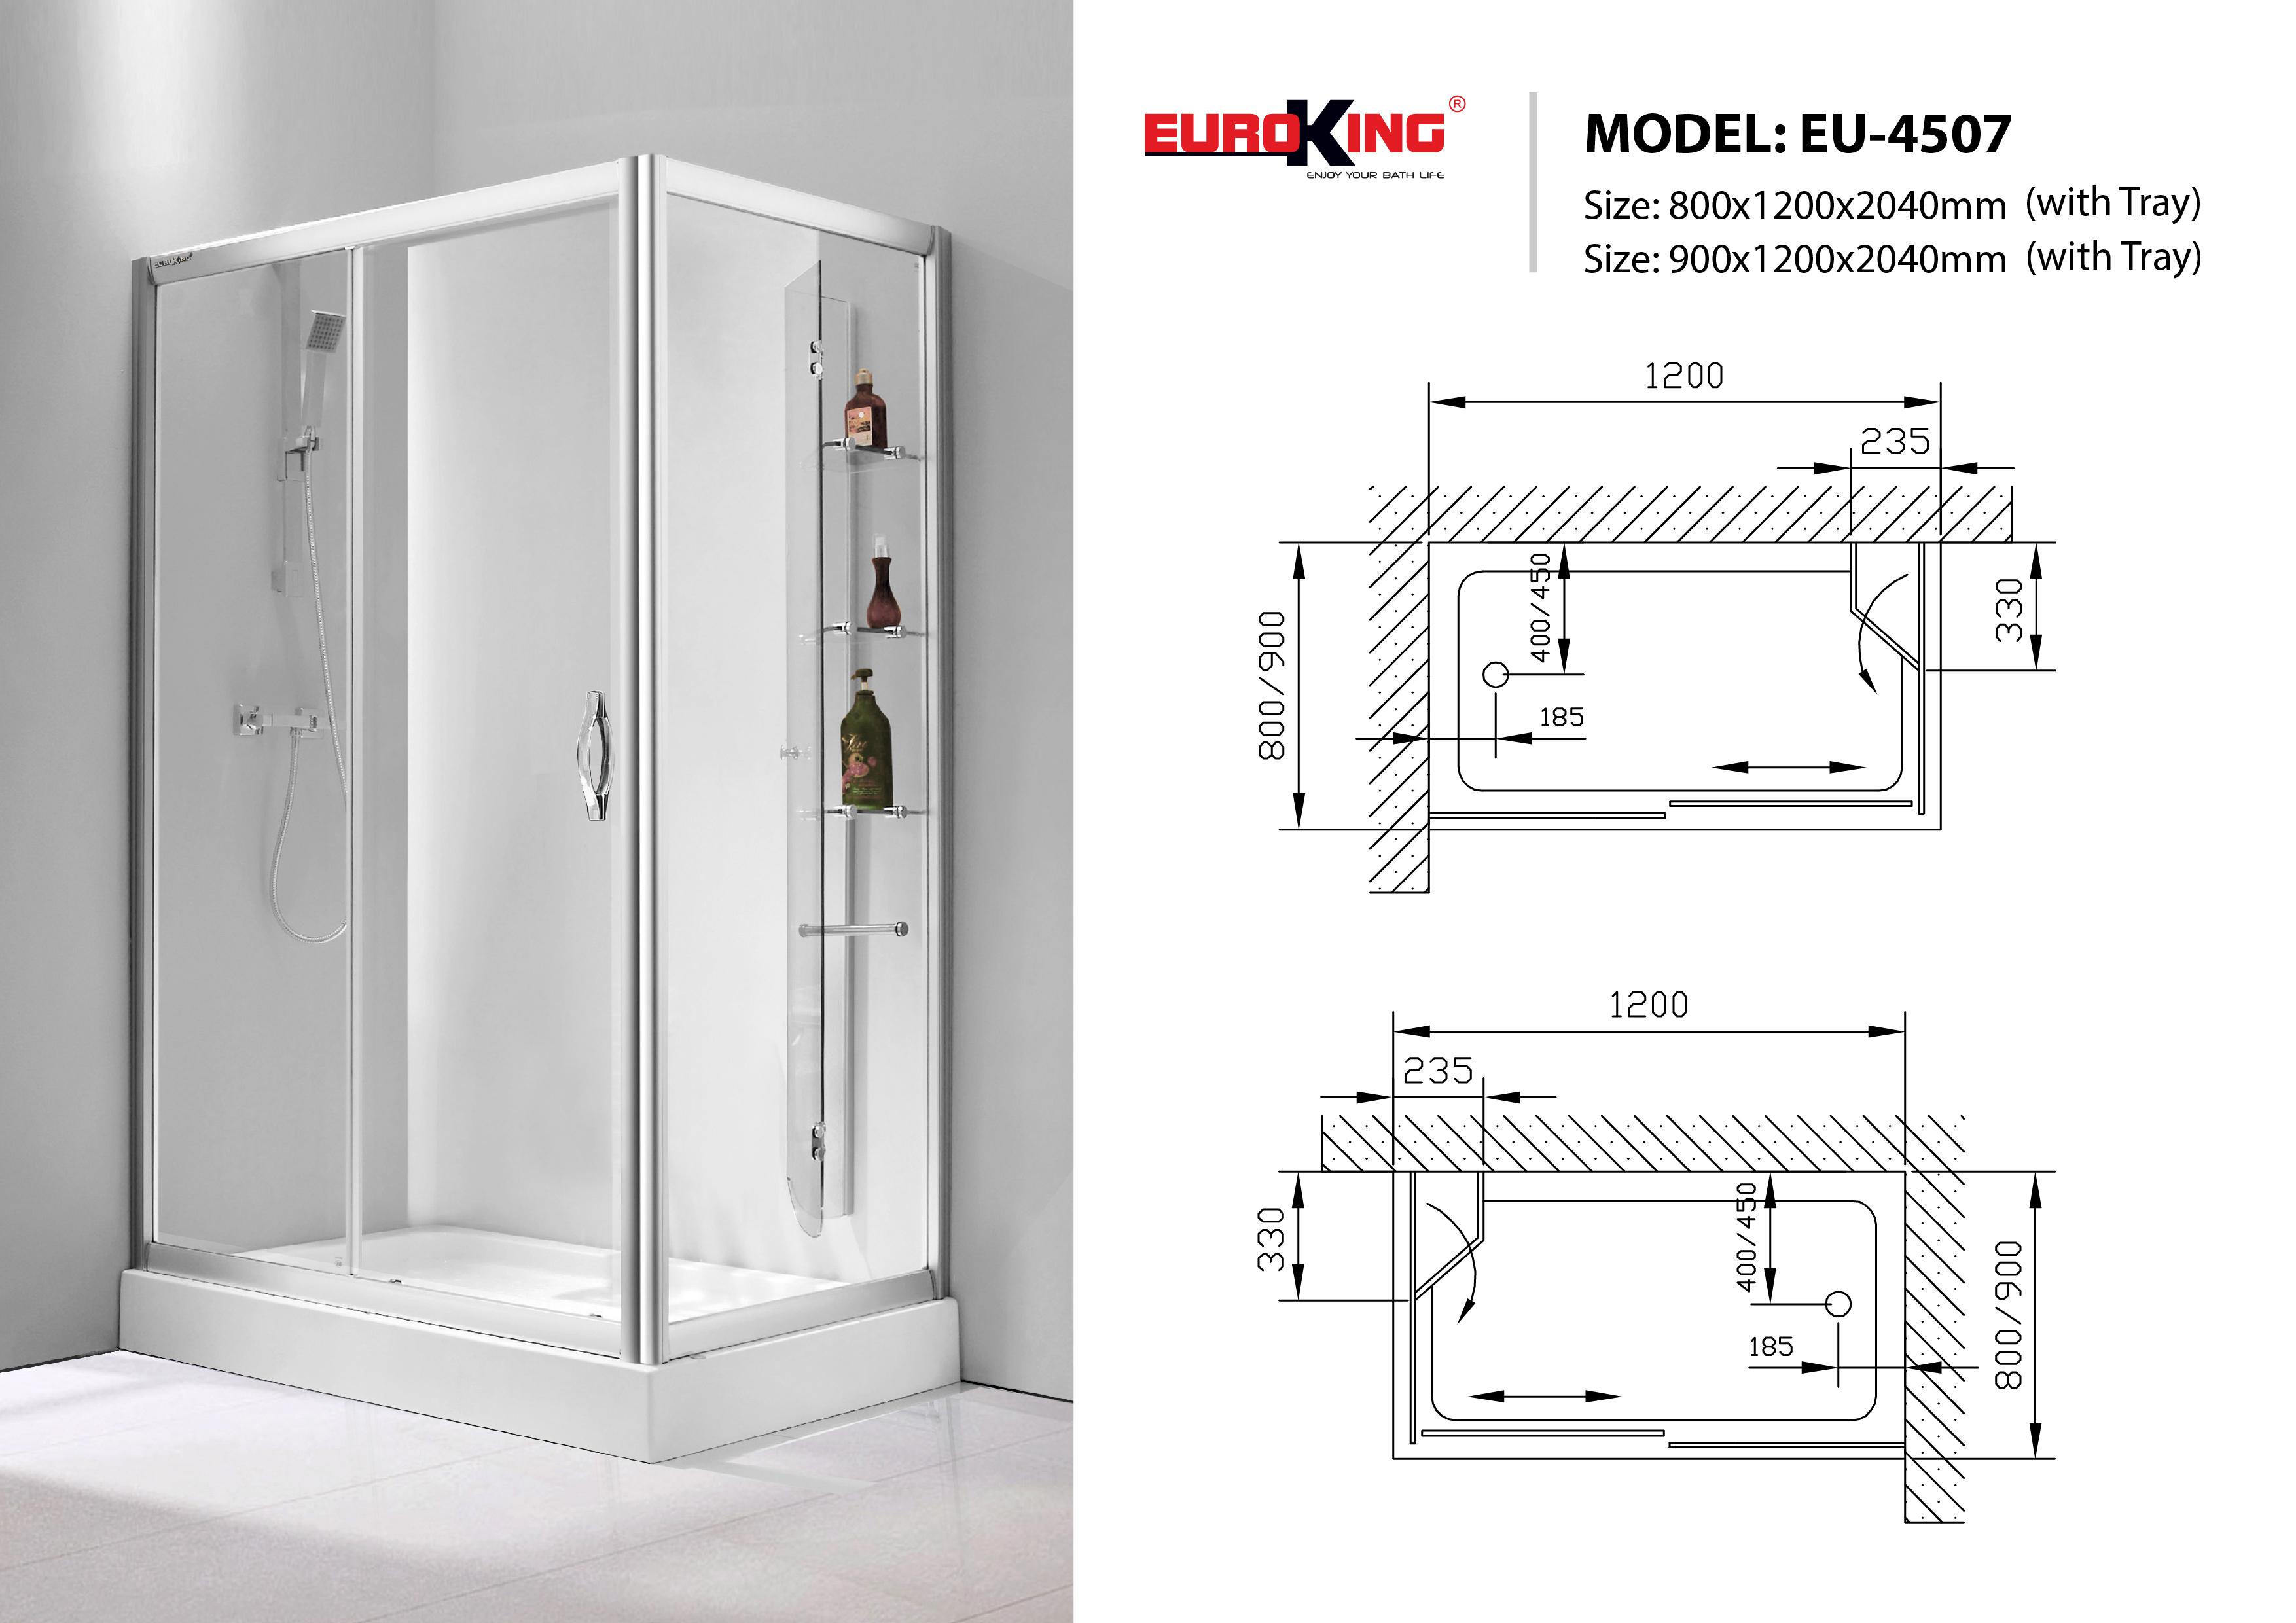 bản vẽ Phòng tắm vách kính Euroking EU-4507